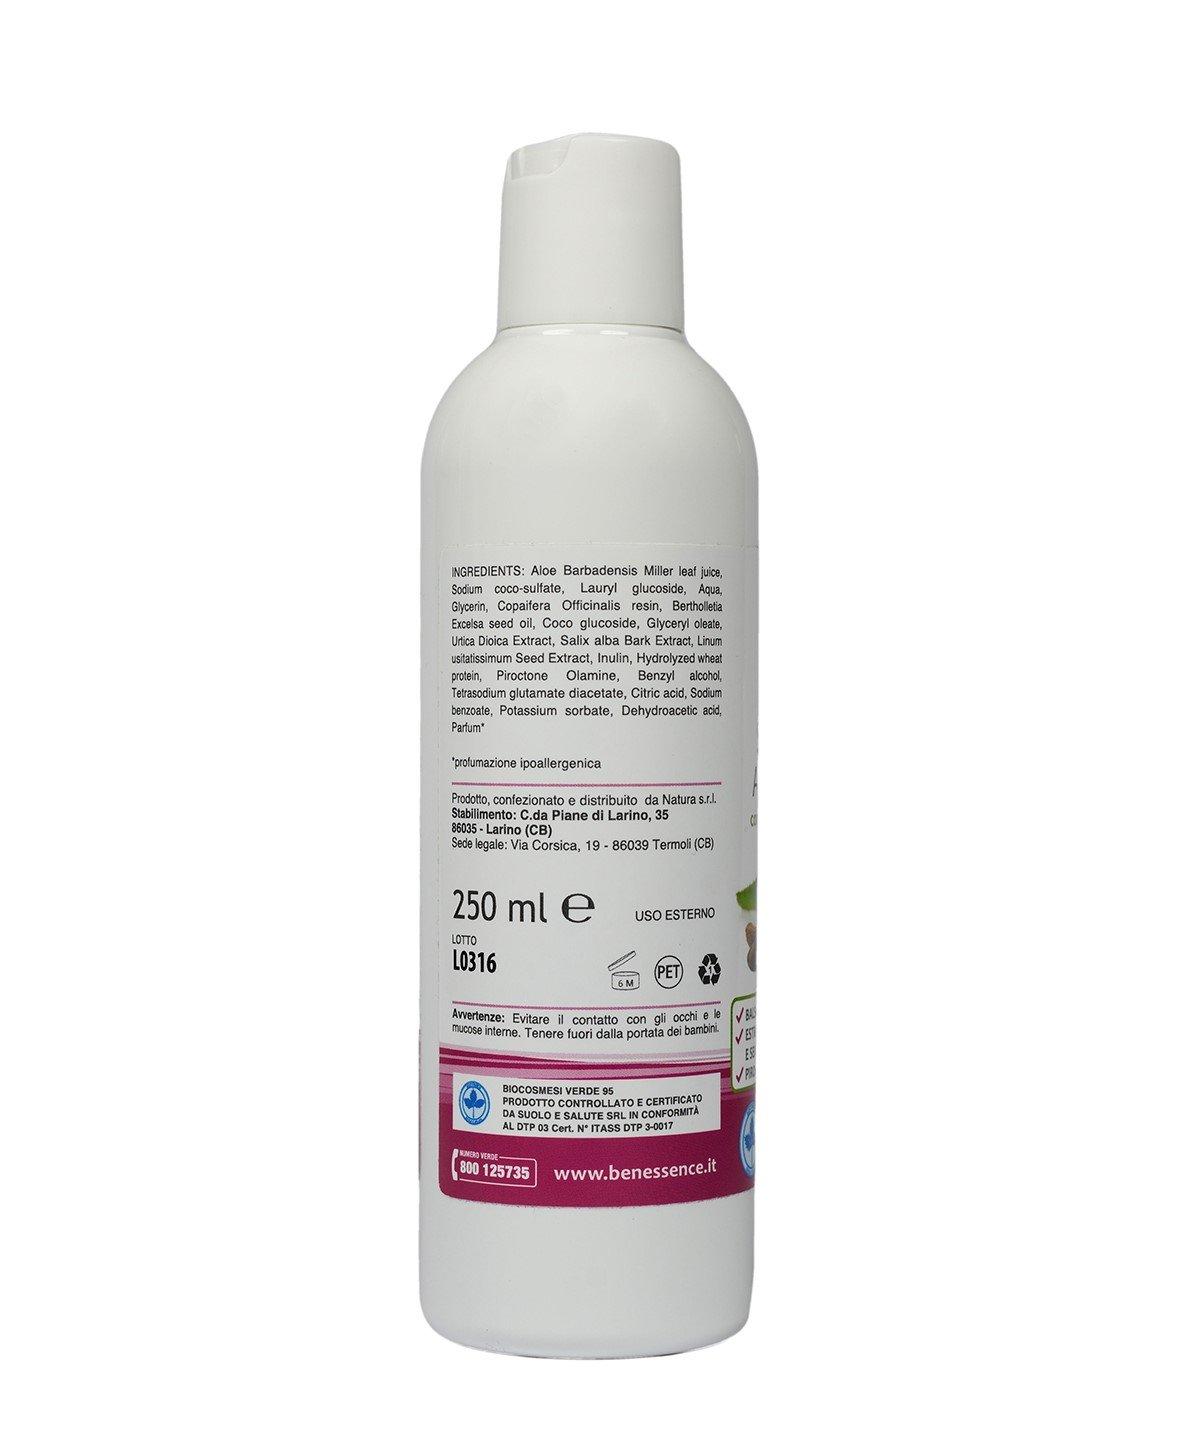 CHAMPÚ ANTICASPA - CON ALOE VERA ORGANICA 250 ml